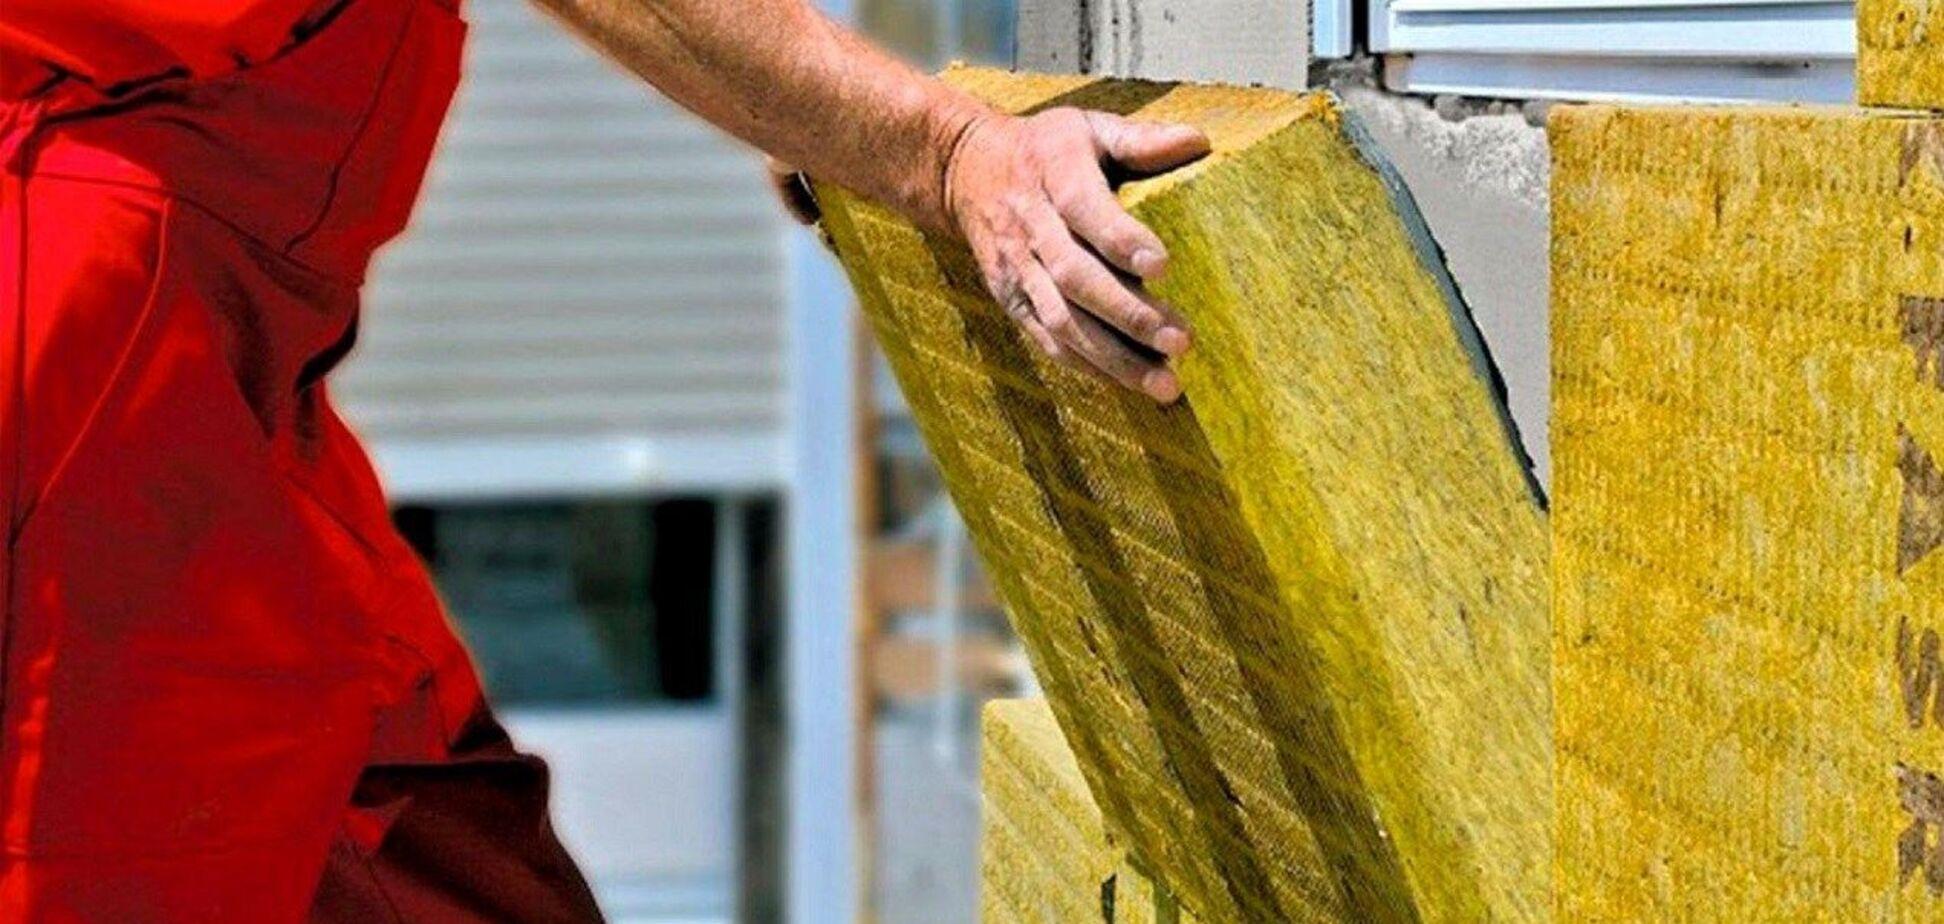 Минрегион разработал новый законопроект о комплексной термомодернизации зданий